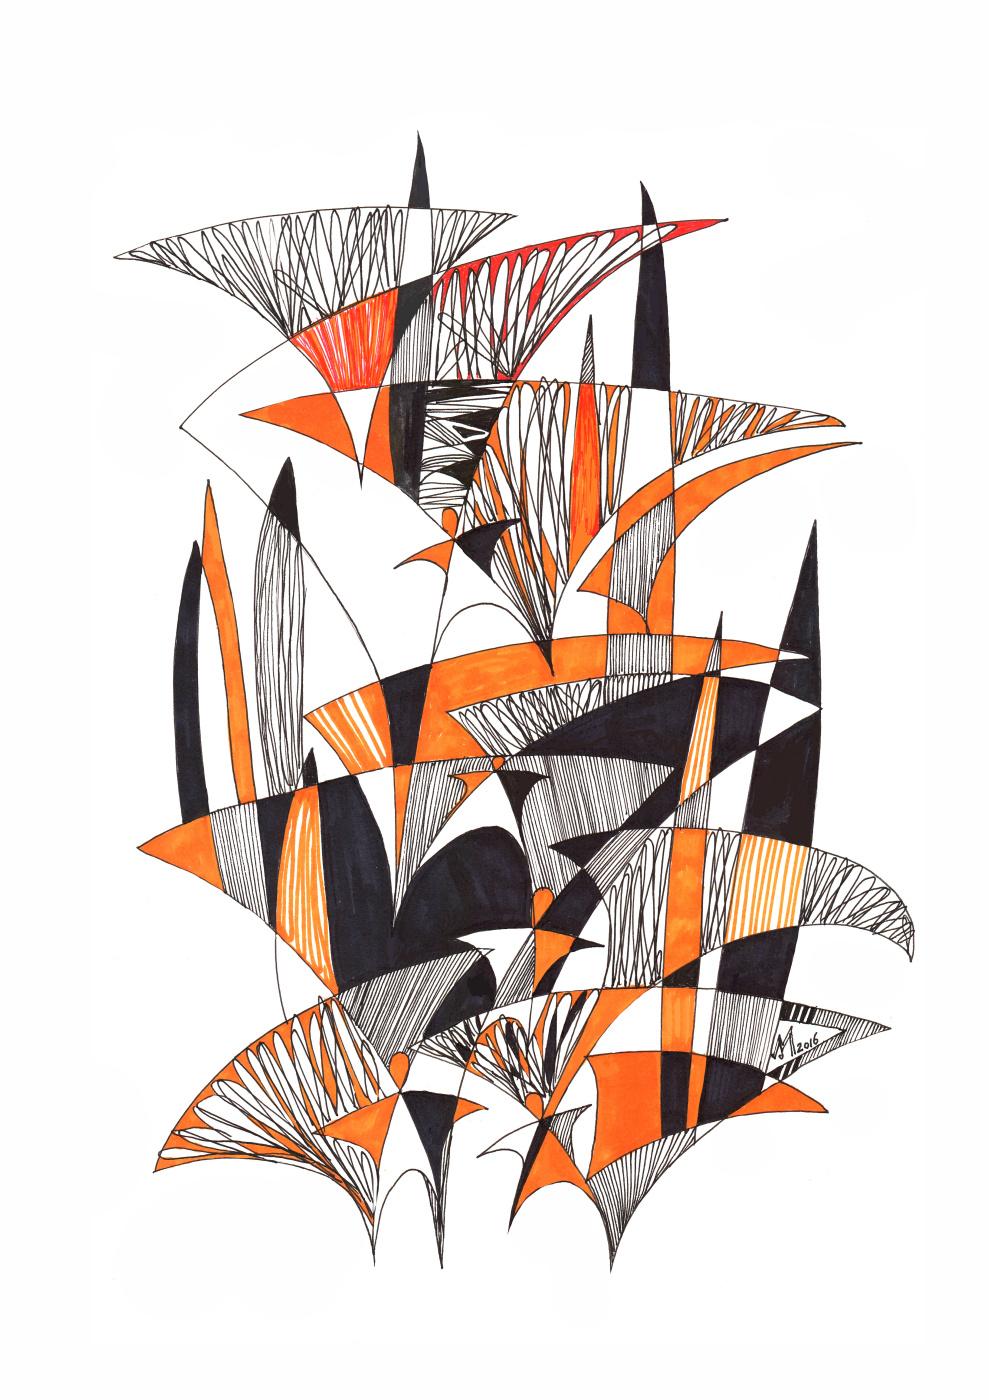 Mokhinur Maksumova. Leaves whisper - fly away